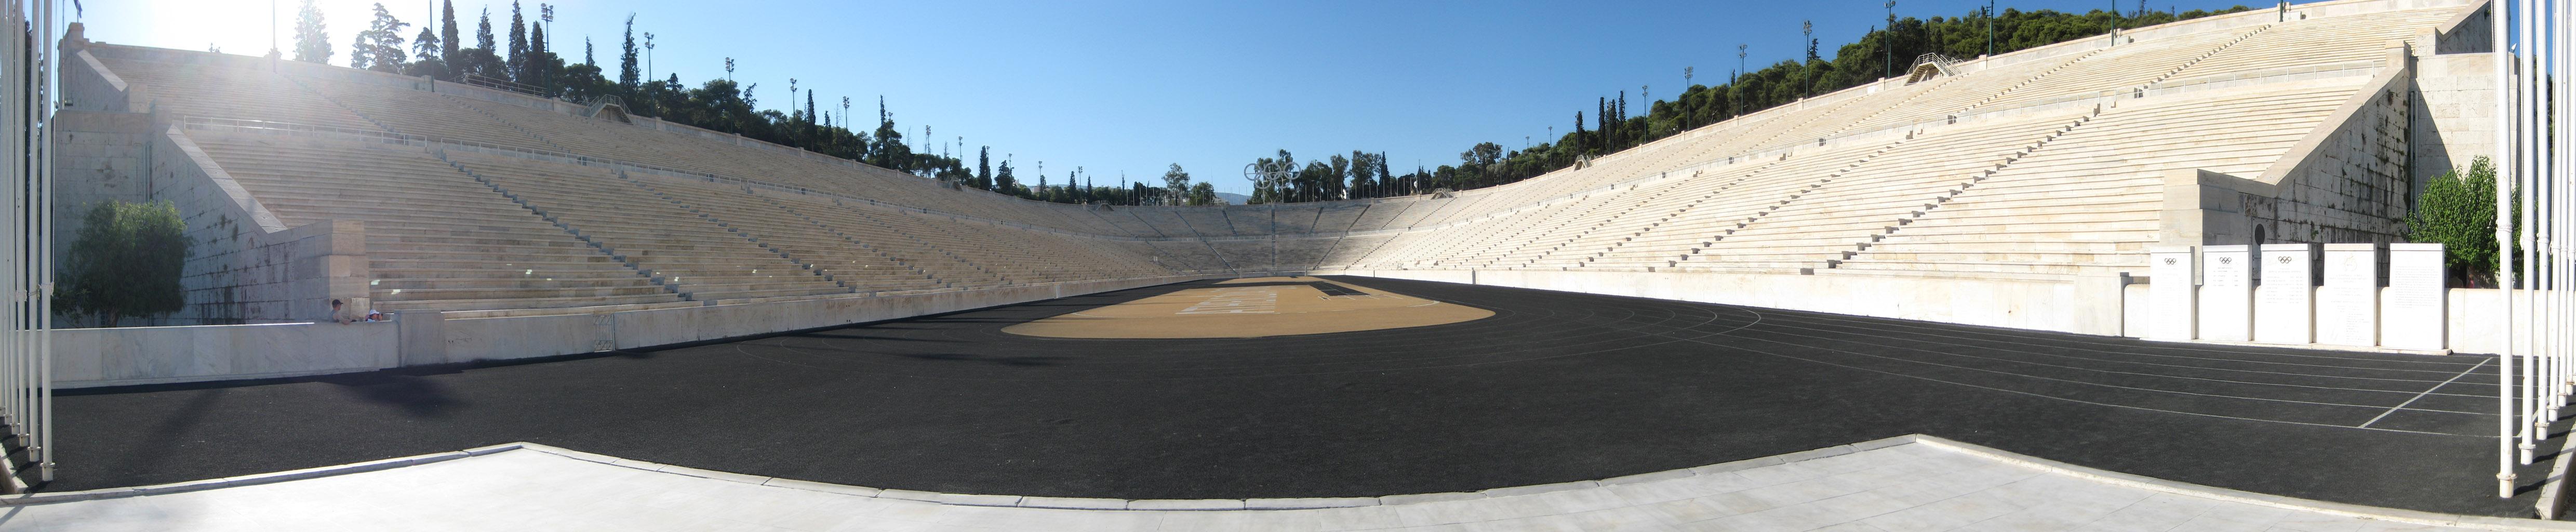 Panorama of the Panathinaikos stadium from entering.